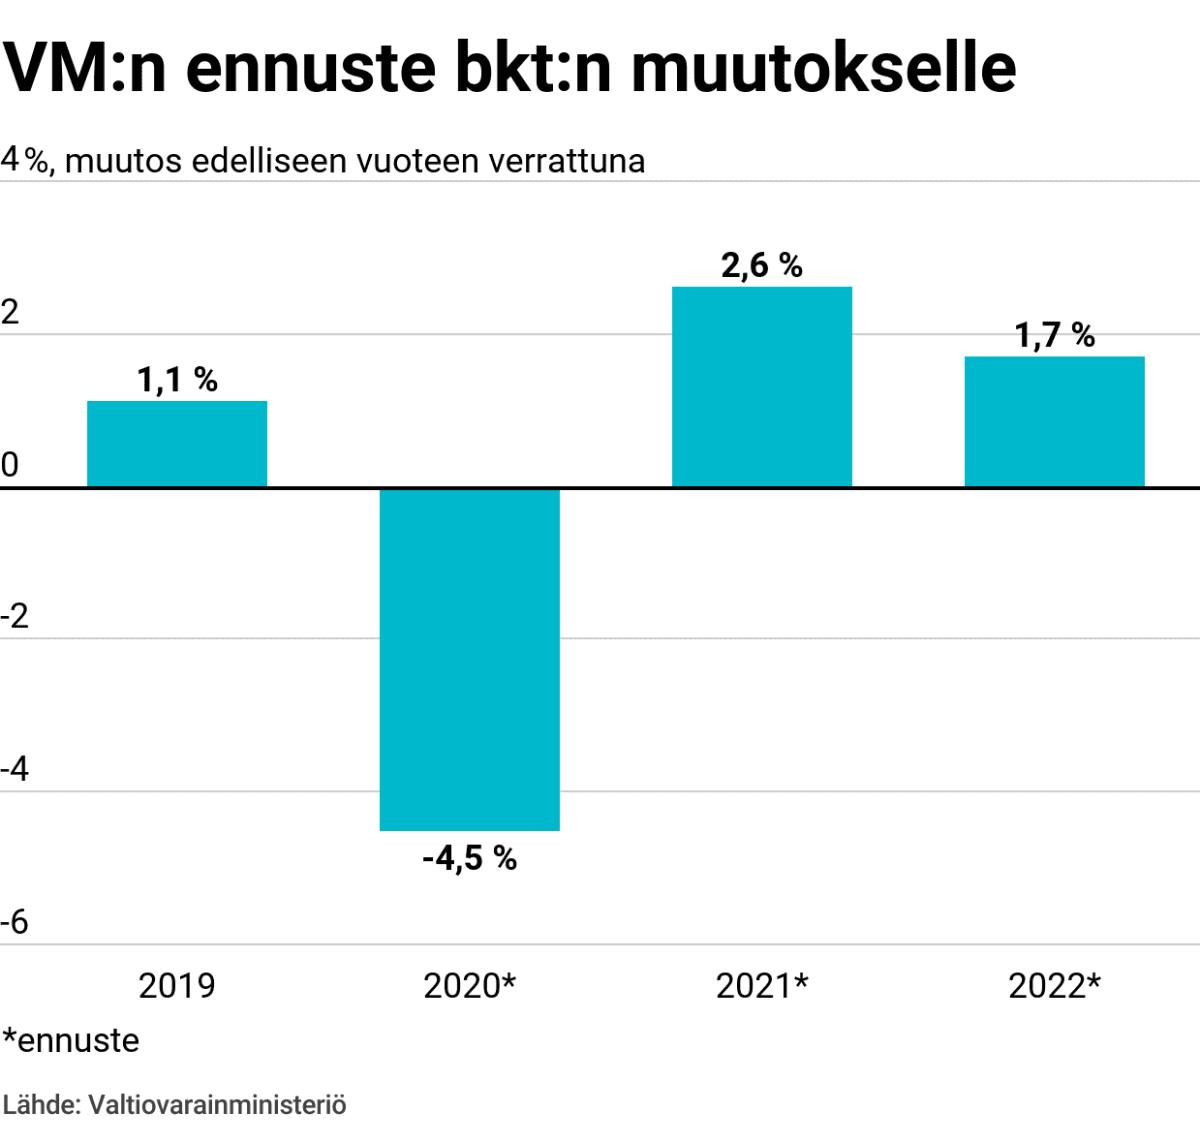 VM:n ennuste bkt:n muutokselle